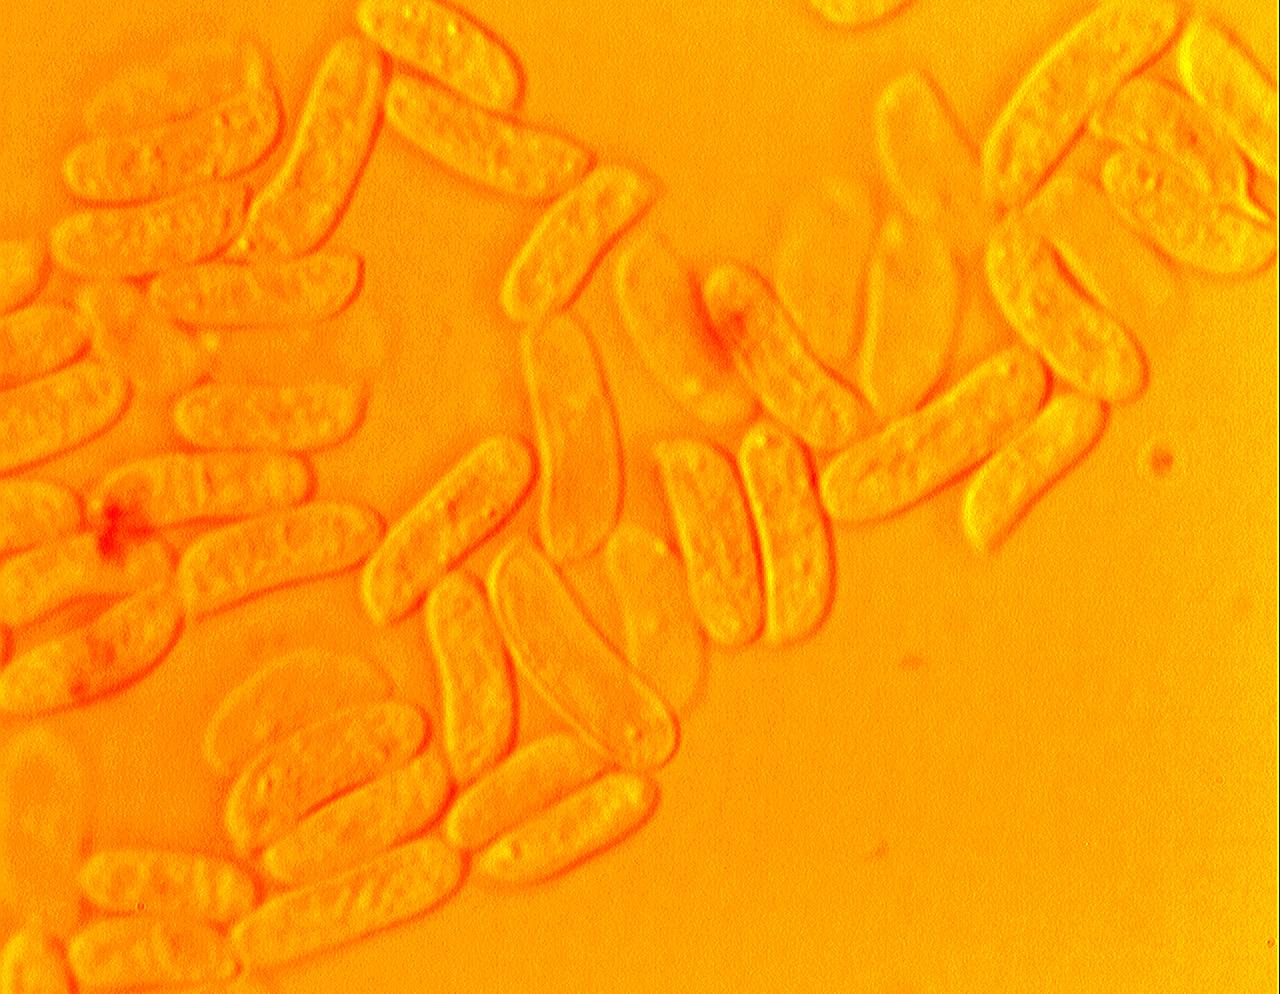 Gloeophyllum sepiarium, spores